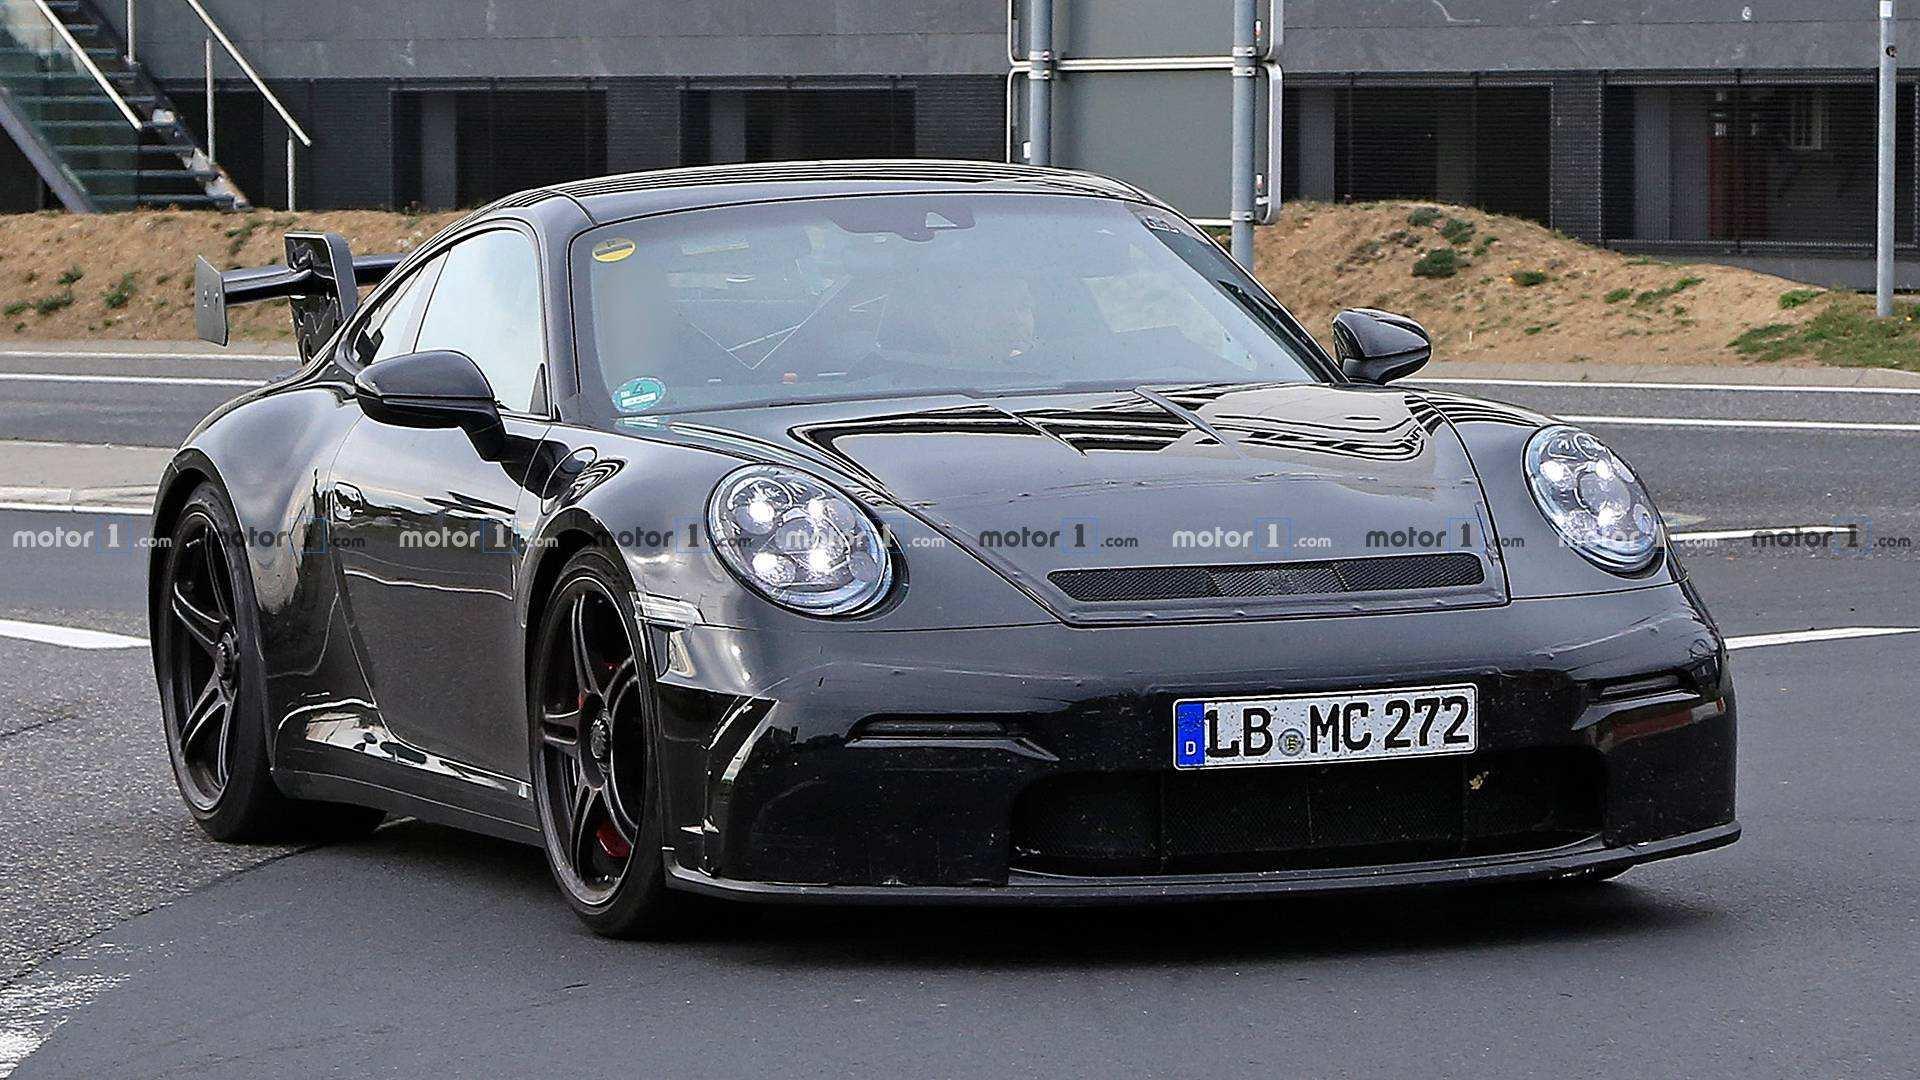 27 The 2020 Porsche Gt3 Rs Model by 2020 Porsche Gt3 Rs